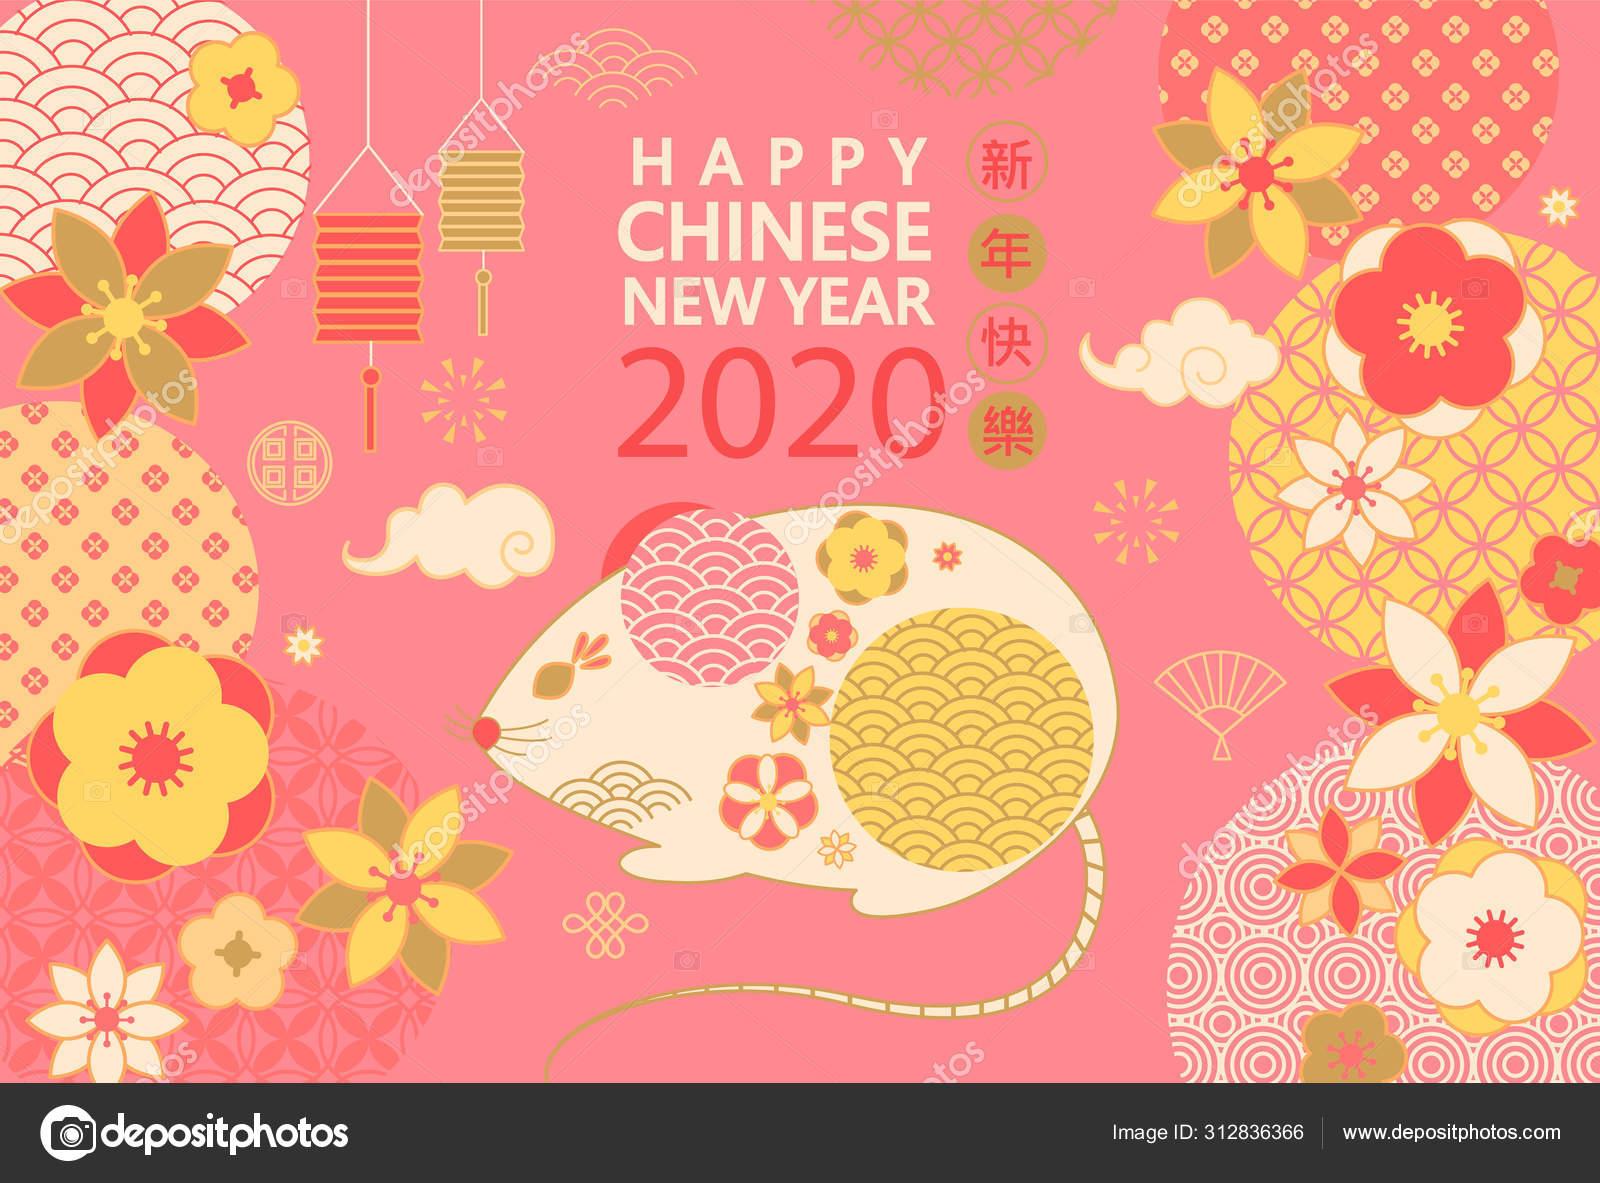 Chinese New Year Vector 2020 1600x1183 Wallpaper Teahub Io